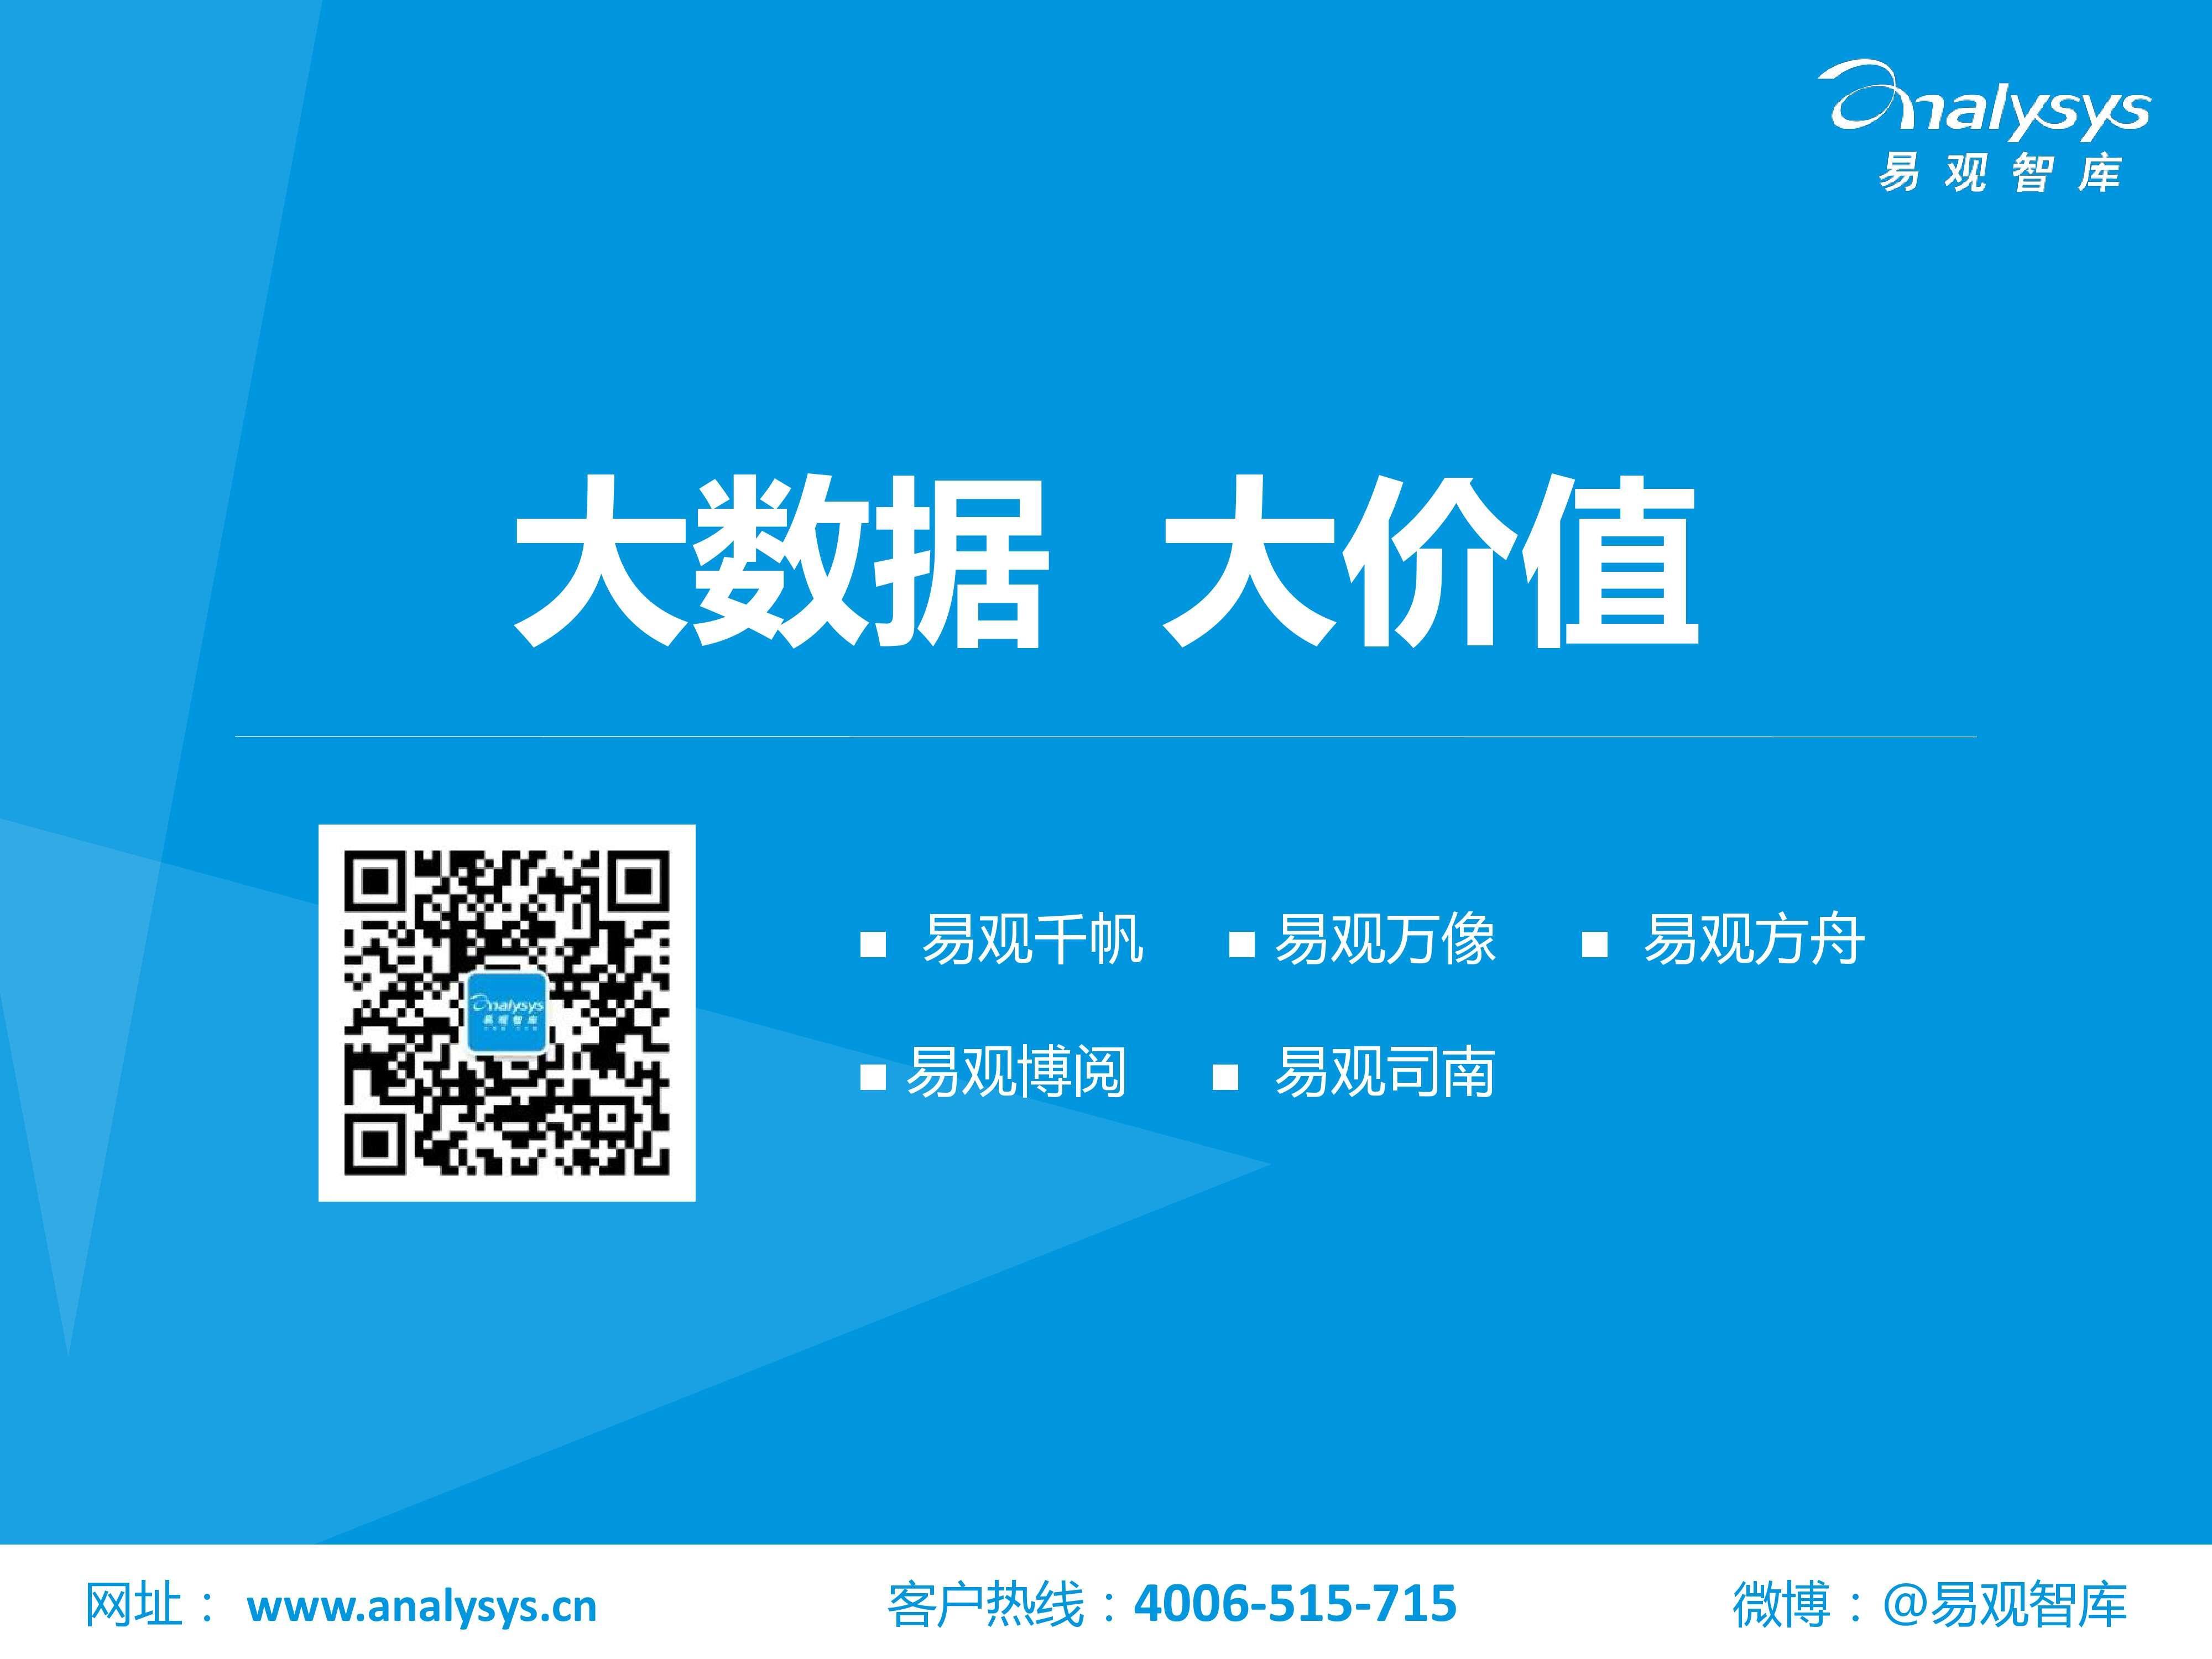 中国客厅经济专题研究报告2016_000038